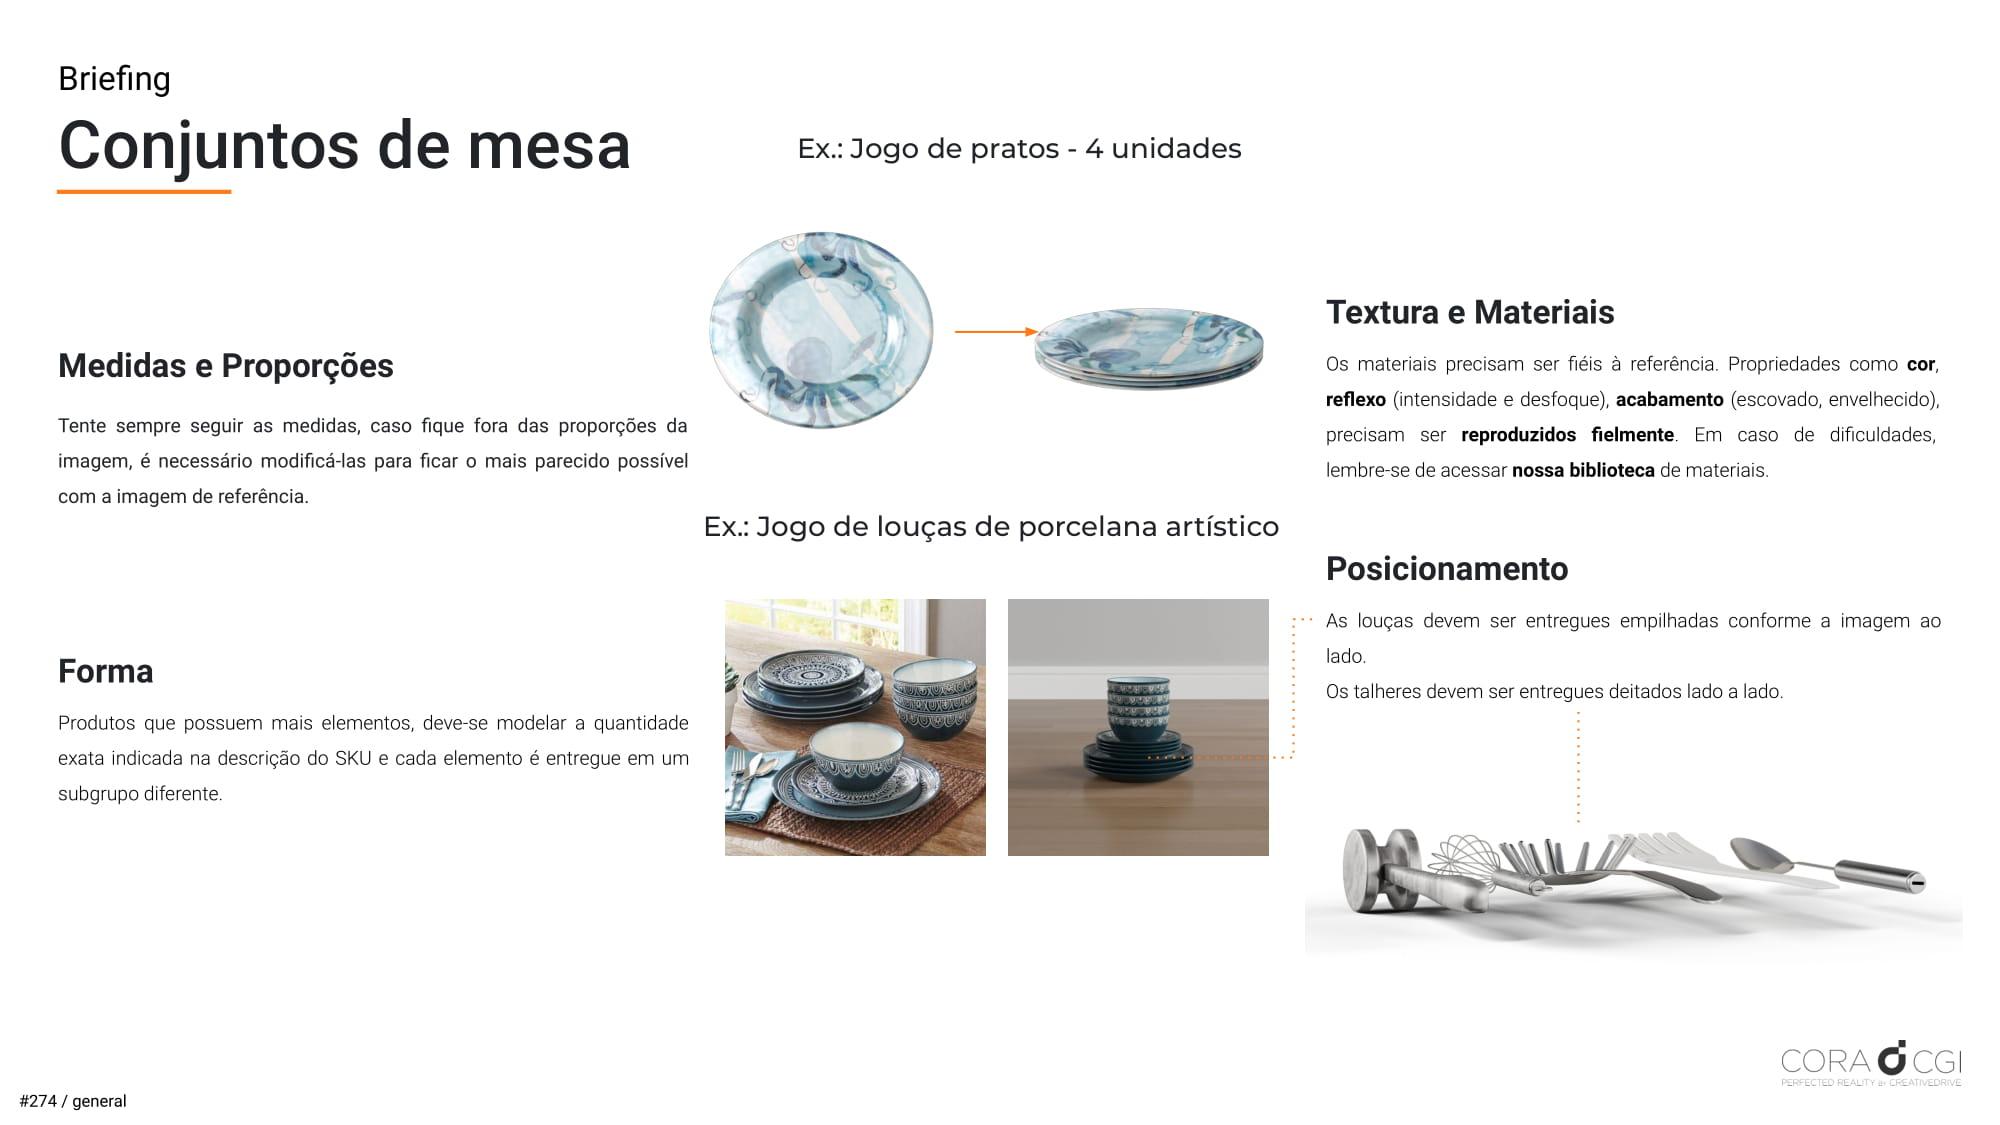 CONJUNTOS_DE_MESA_PT.jpg